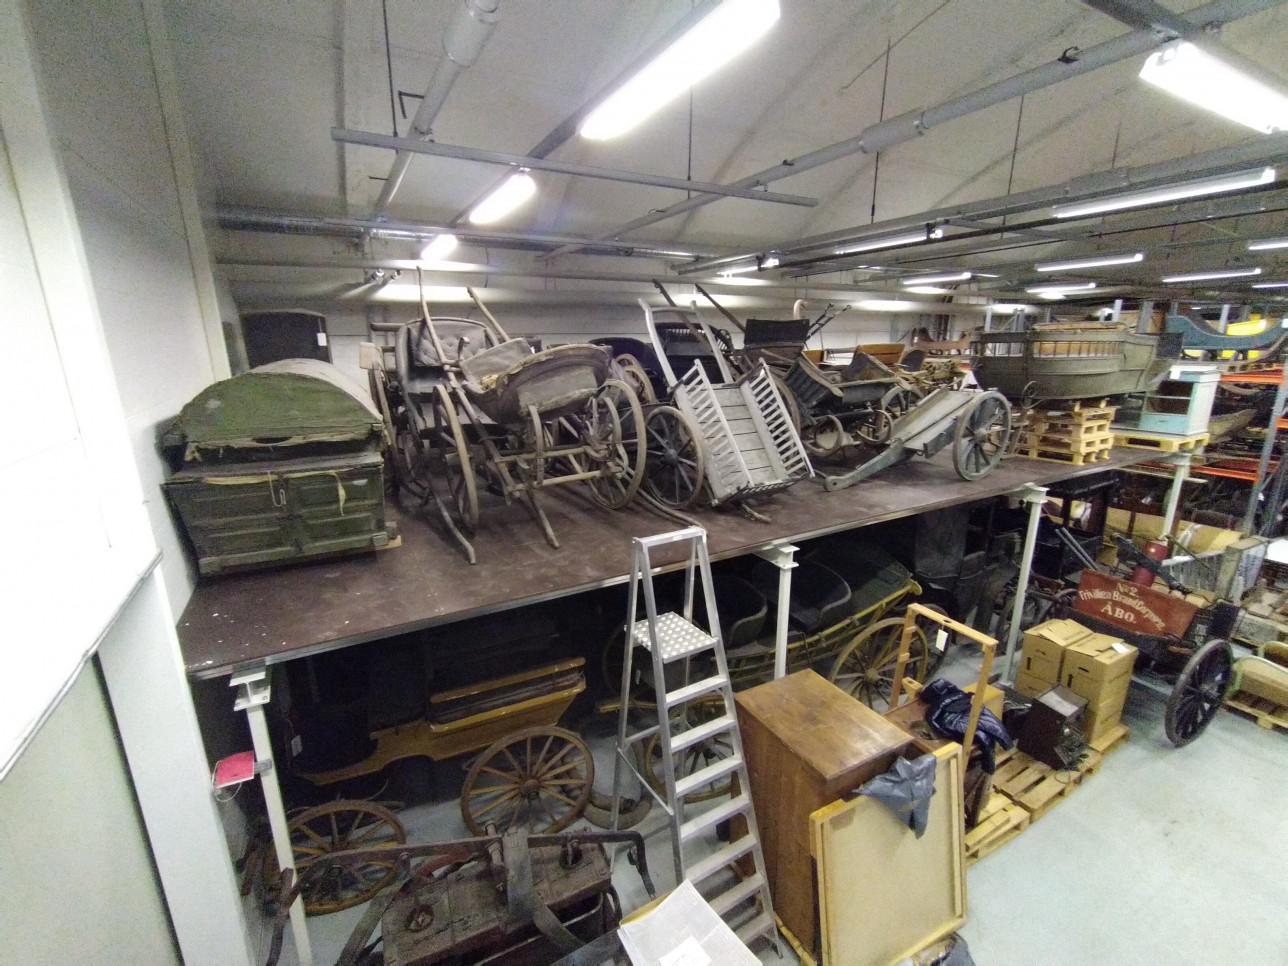 Hevosvetoisia vaunuja säilössä varastotilassa kahdessa eri tasossa. Kuvassa myös tikapuut.